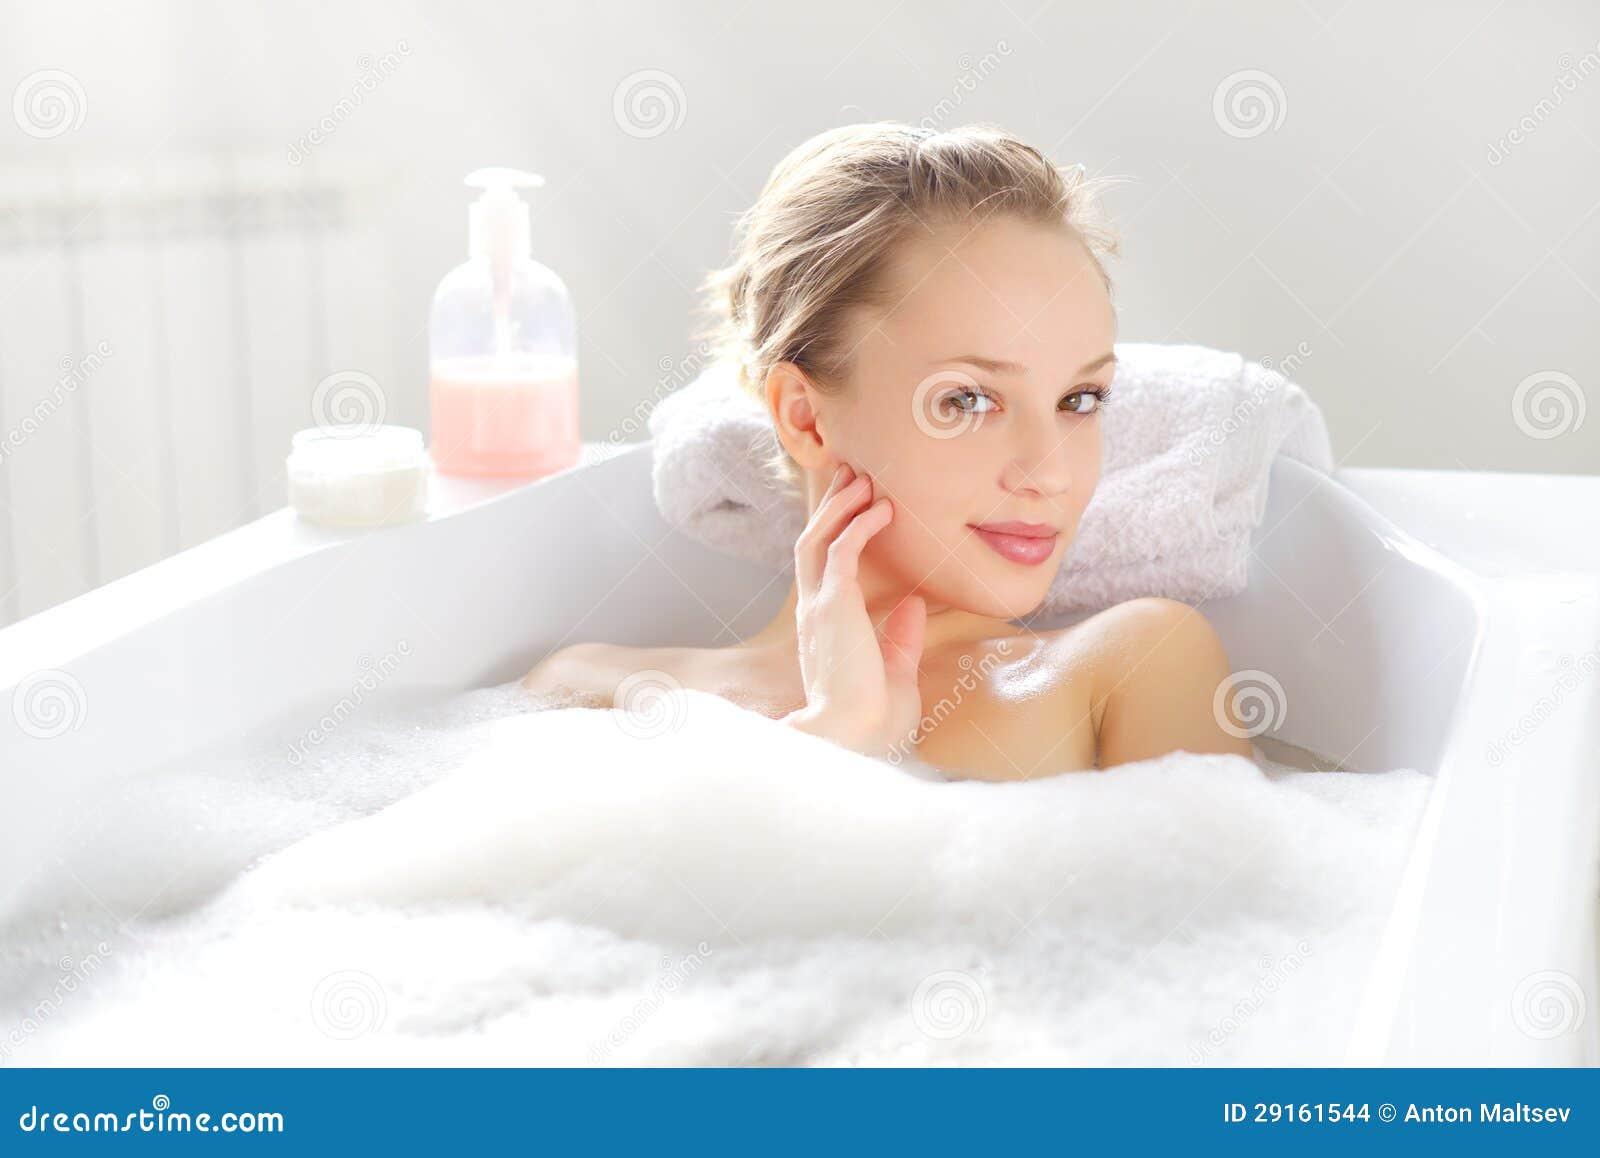 girl girl bath